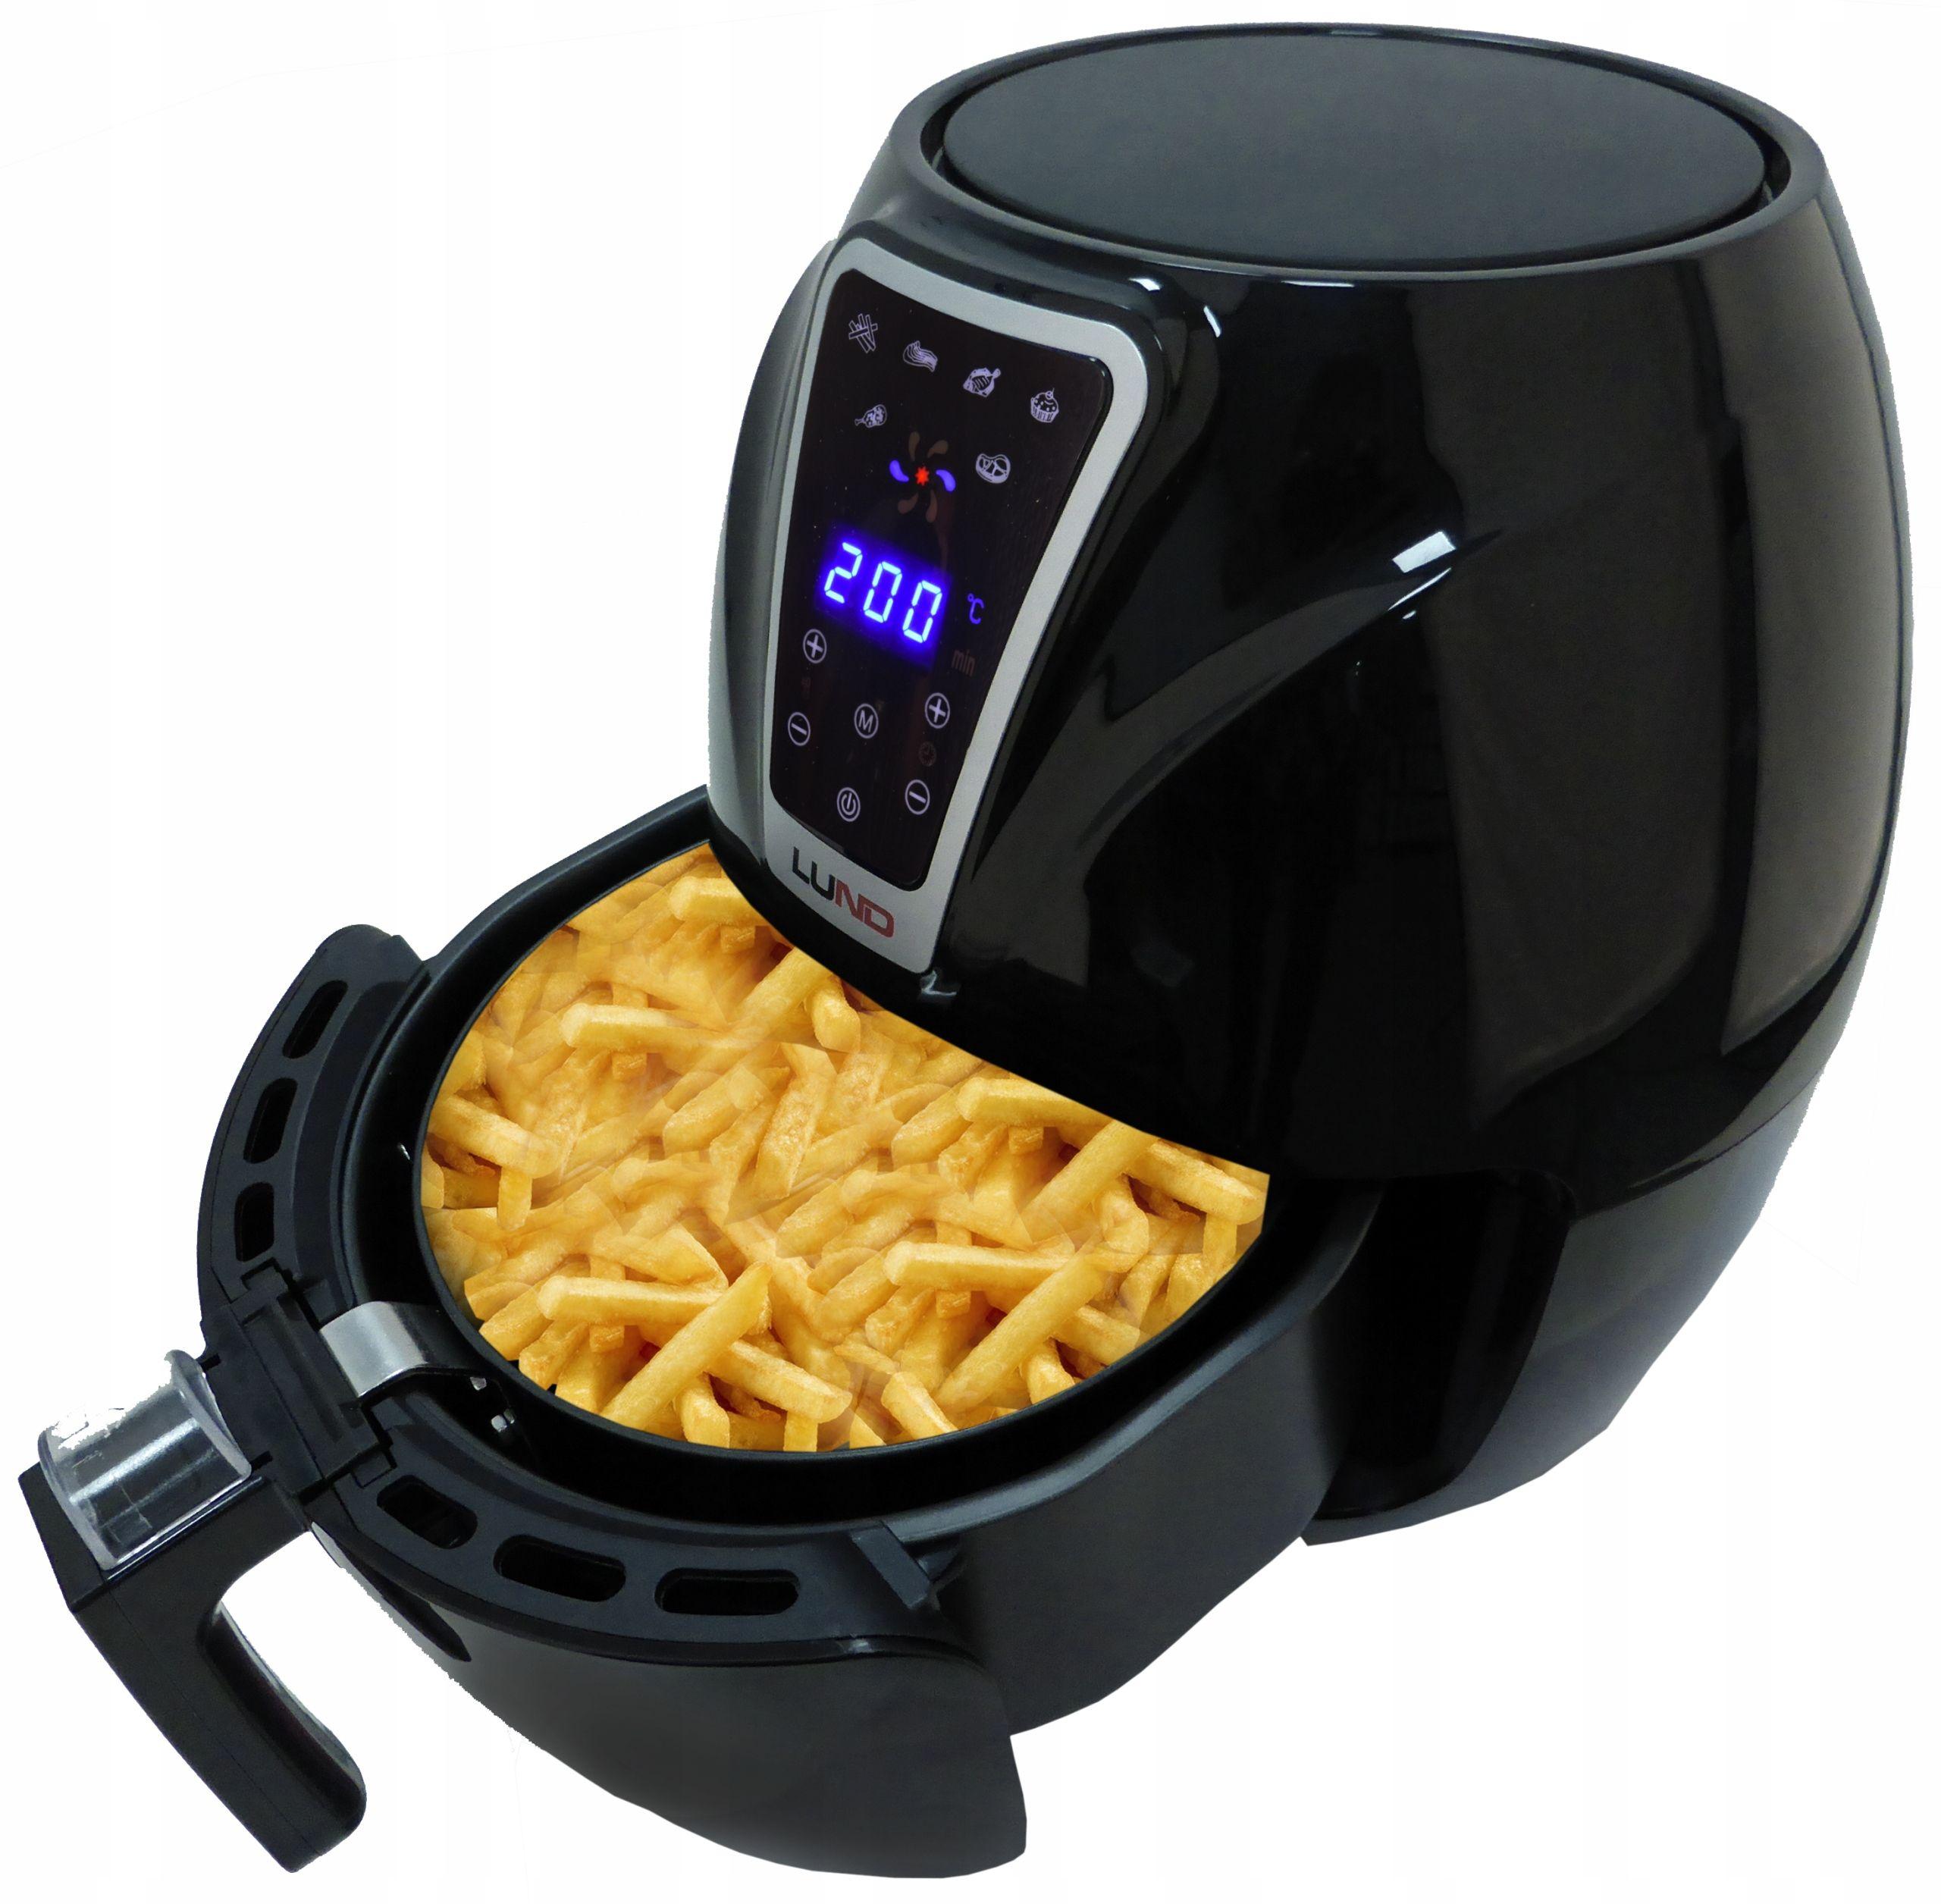 Frytkownica Frytownica Beztluszczowa Led 7 Progr 7896570713 Oficjalne Archiwum Allegro Drip Coffee Maker Coffee Maker Waffle Iron